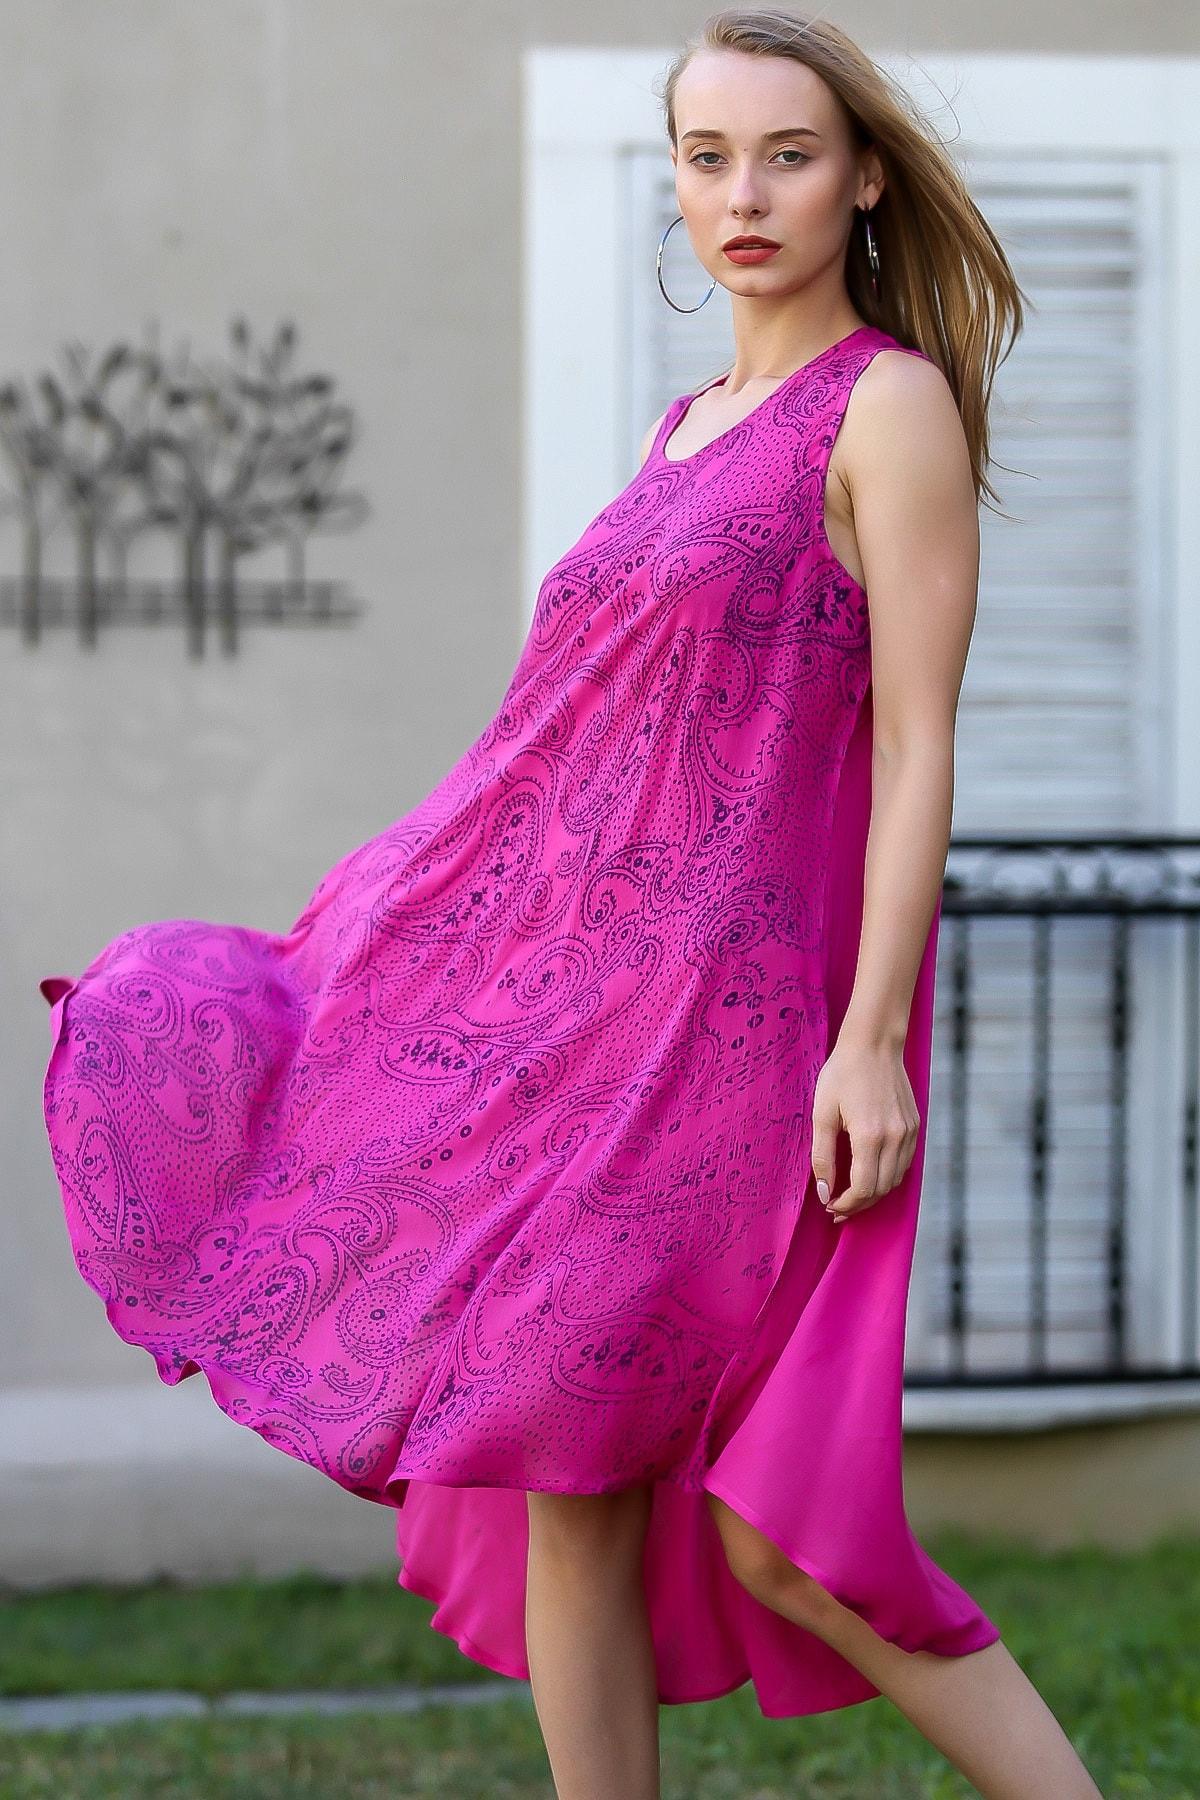 Chiccy Kadın Fuşya Bohem Şal Desen Baskılı Salaş Elbise M10160000EL96407